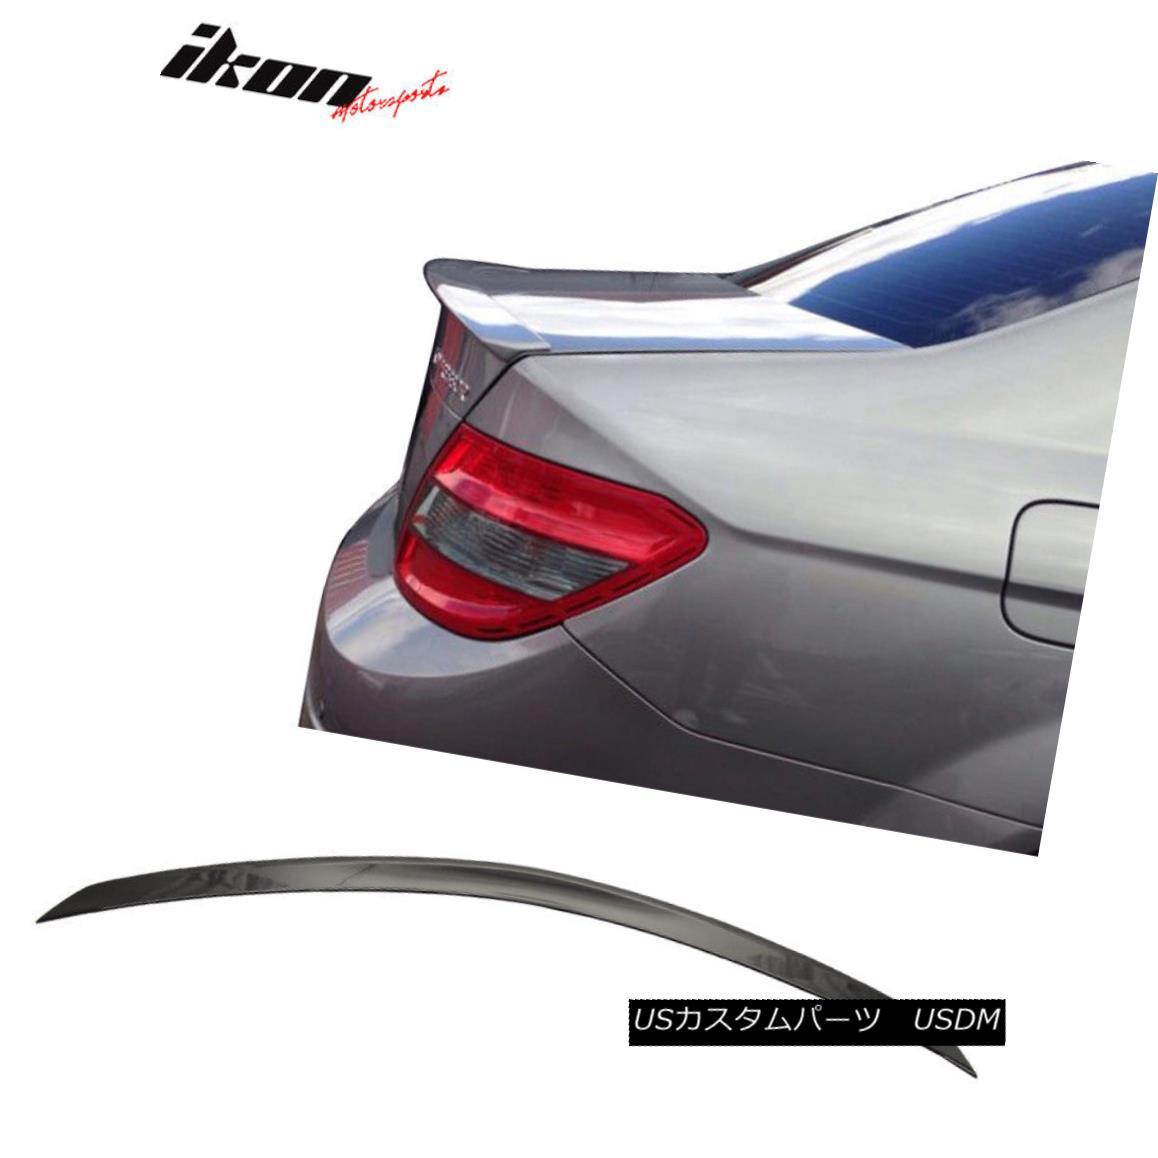 エアロパーツ Fits 08-14 Benz C Class W204 Sedan AMG Trunk Spoiler Painted #197 Obsidian Black フィット08-14ベンツCクラスW204セダンAMGトランク・スポイラー・ペイント#197黒曜石